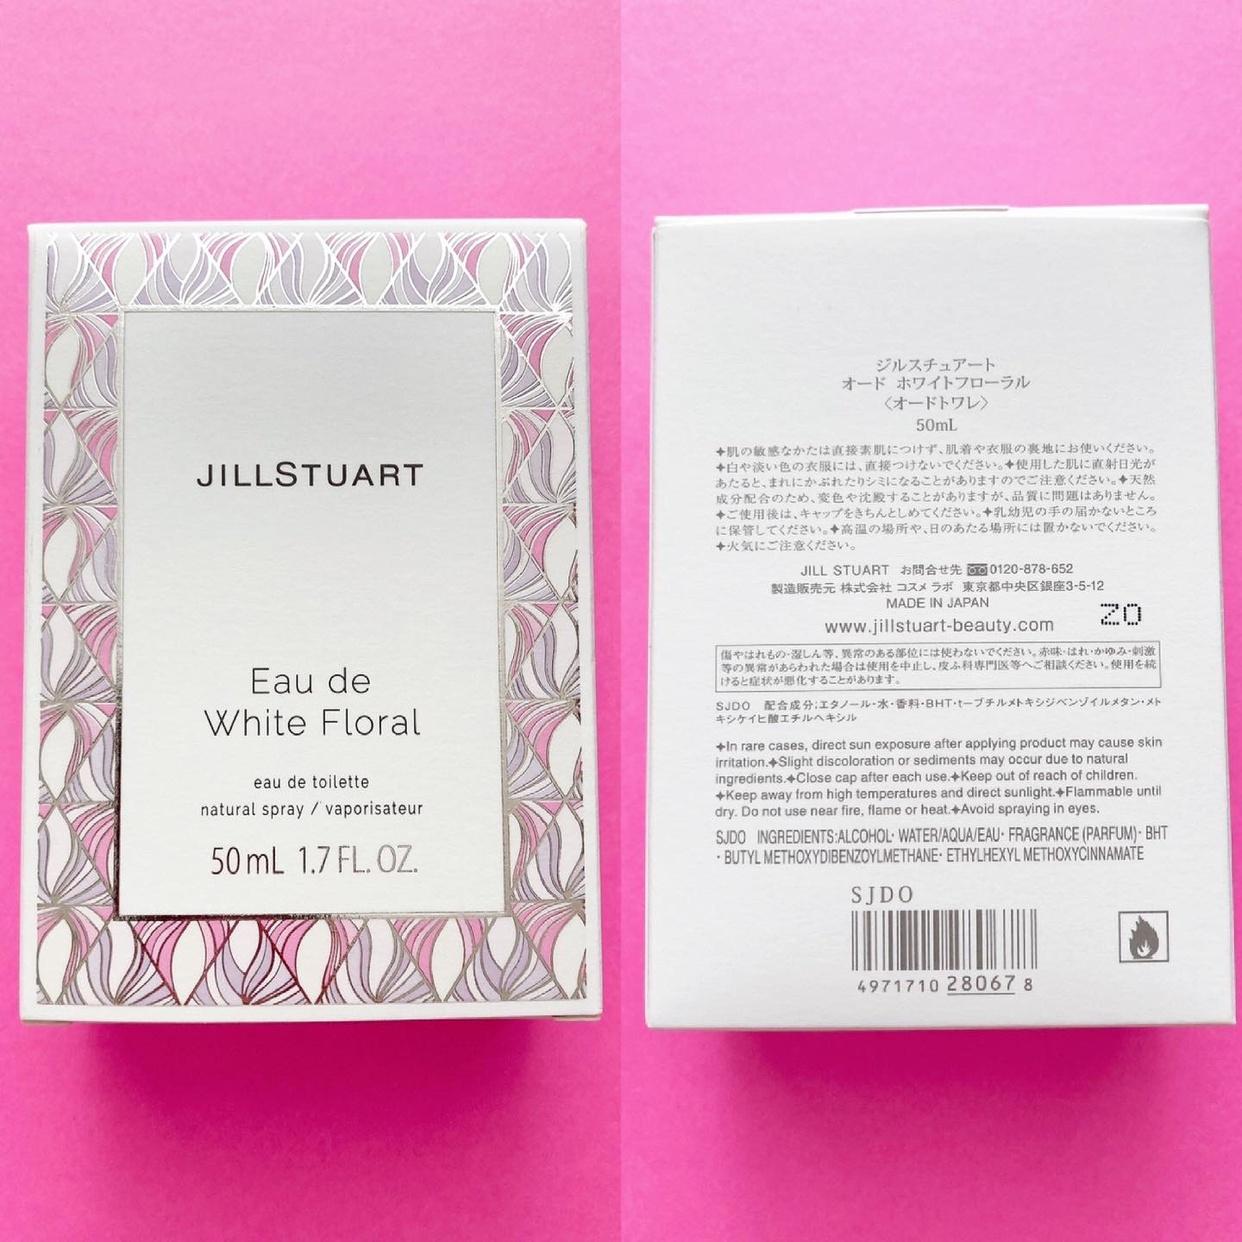 JILL STUART(ジルスチュアート) オード ホワイトフローラルを使ったyunaさんのクチコミ画像2